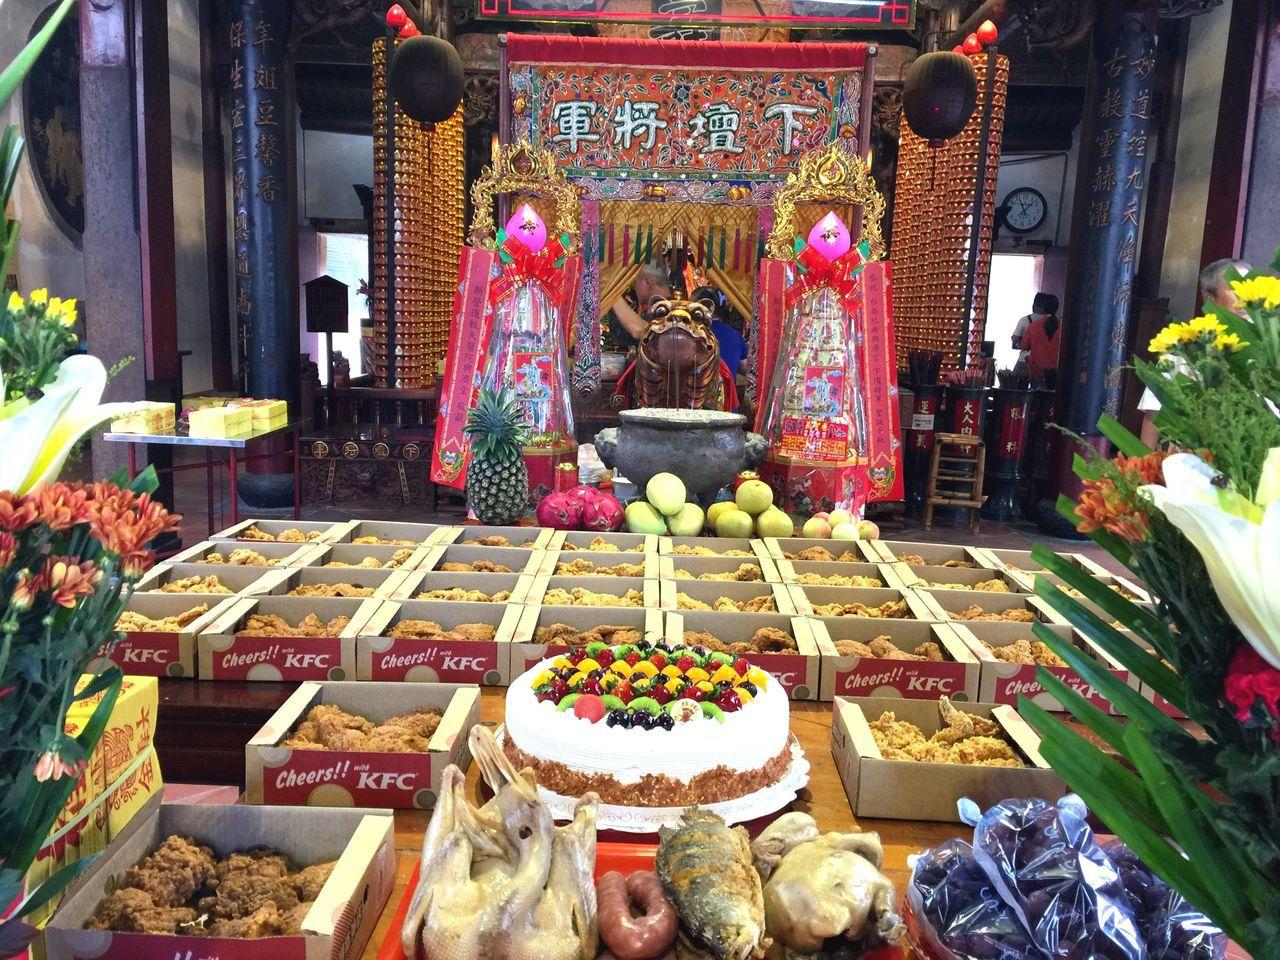 信徒訂了35大盒炸雞,搭配蛋糕與雞鴨魚肉為虎爺祝壽。圖/信徒提供